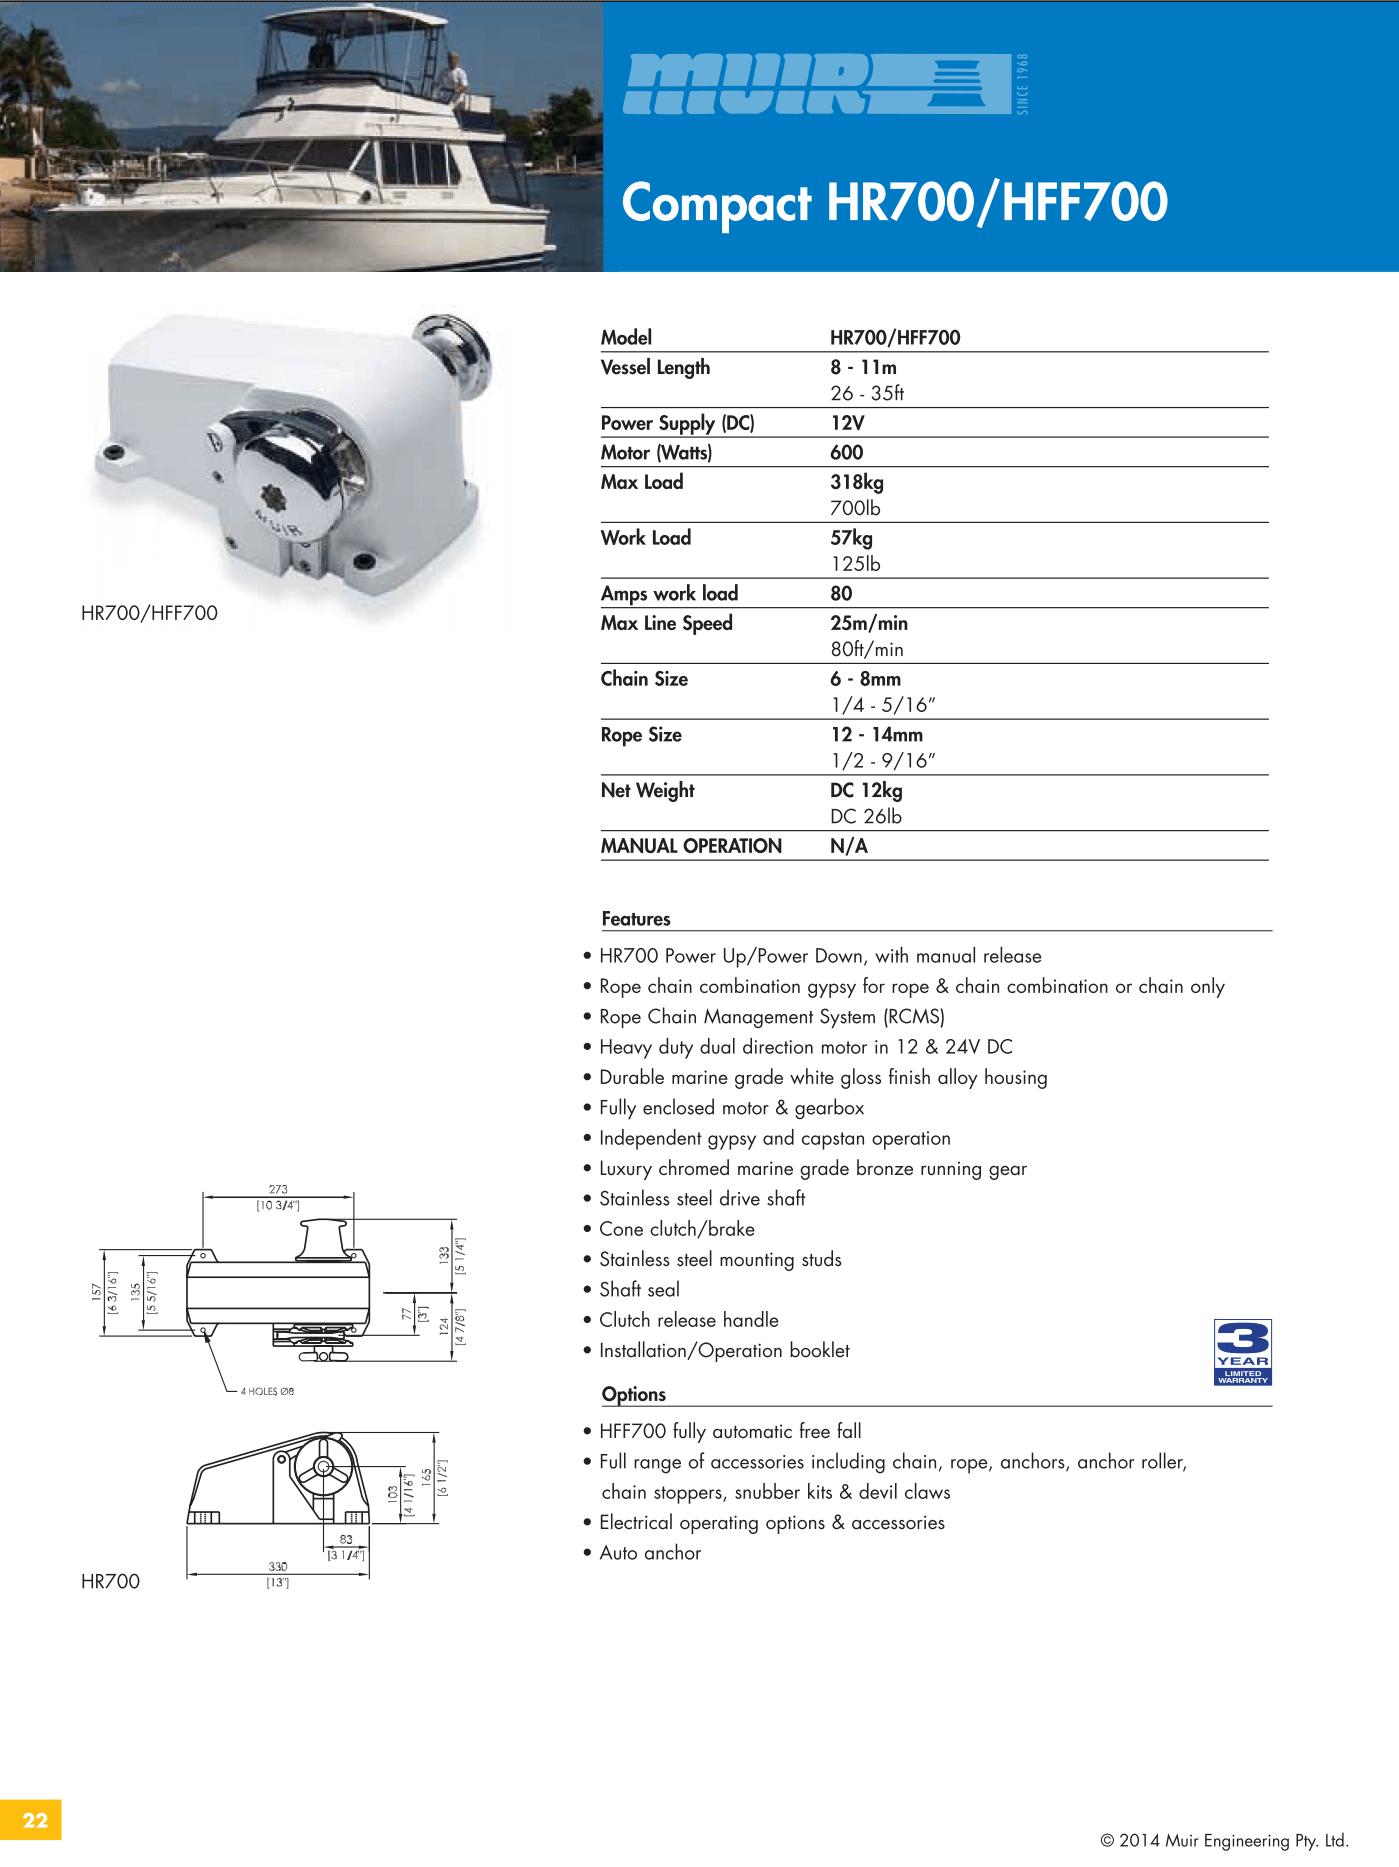 Datenblatt MUIR elektrische horizontale Ankerwinde für Motorboote, Segelyachten, Luxusyachten und Sportboote - HR700 & HFF700